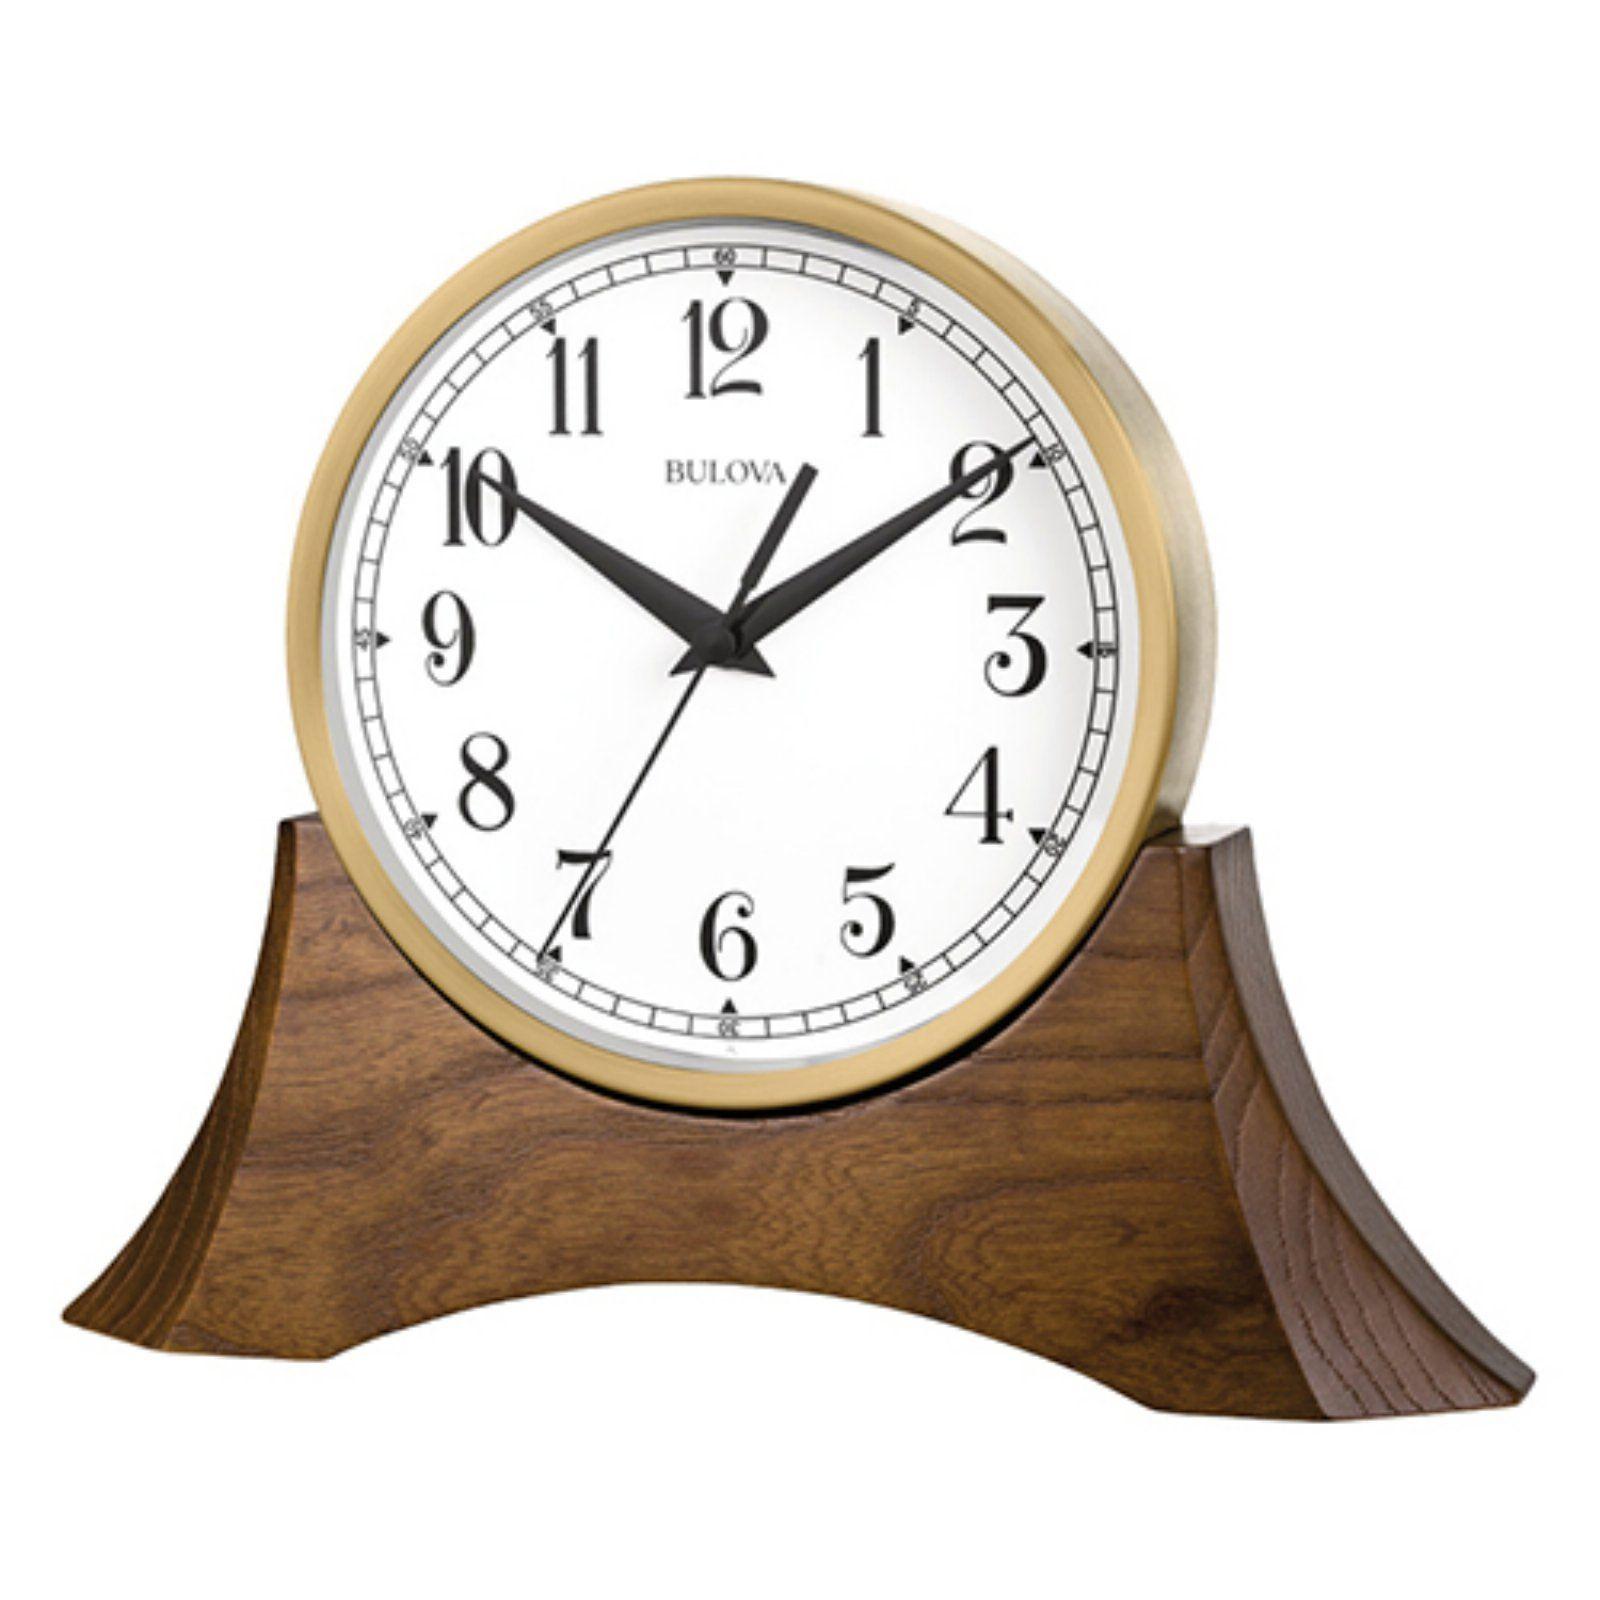 Bulova Mariner Desk Clock Table Clock Mantel Clock Clock